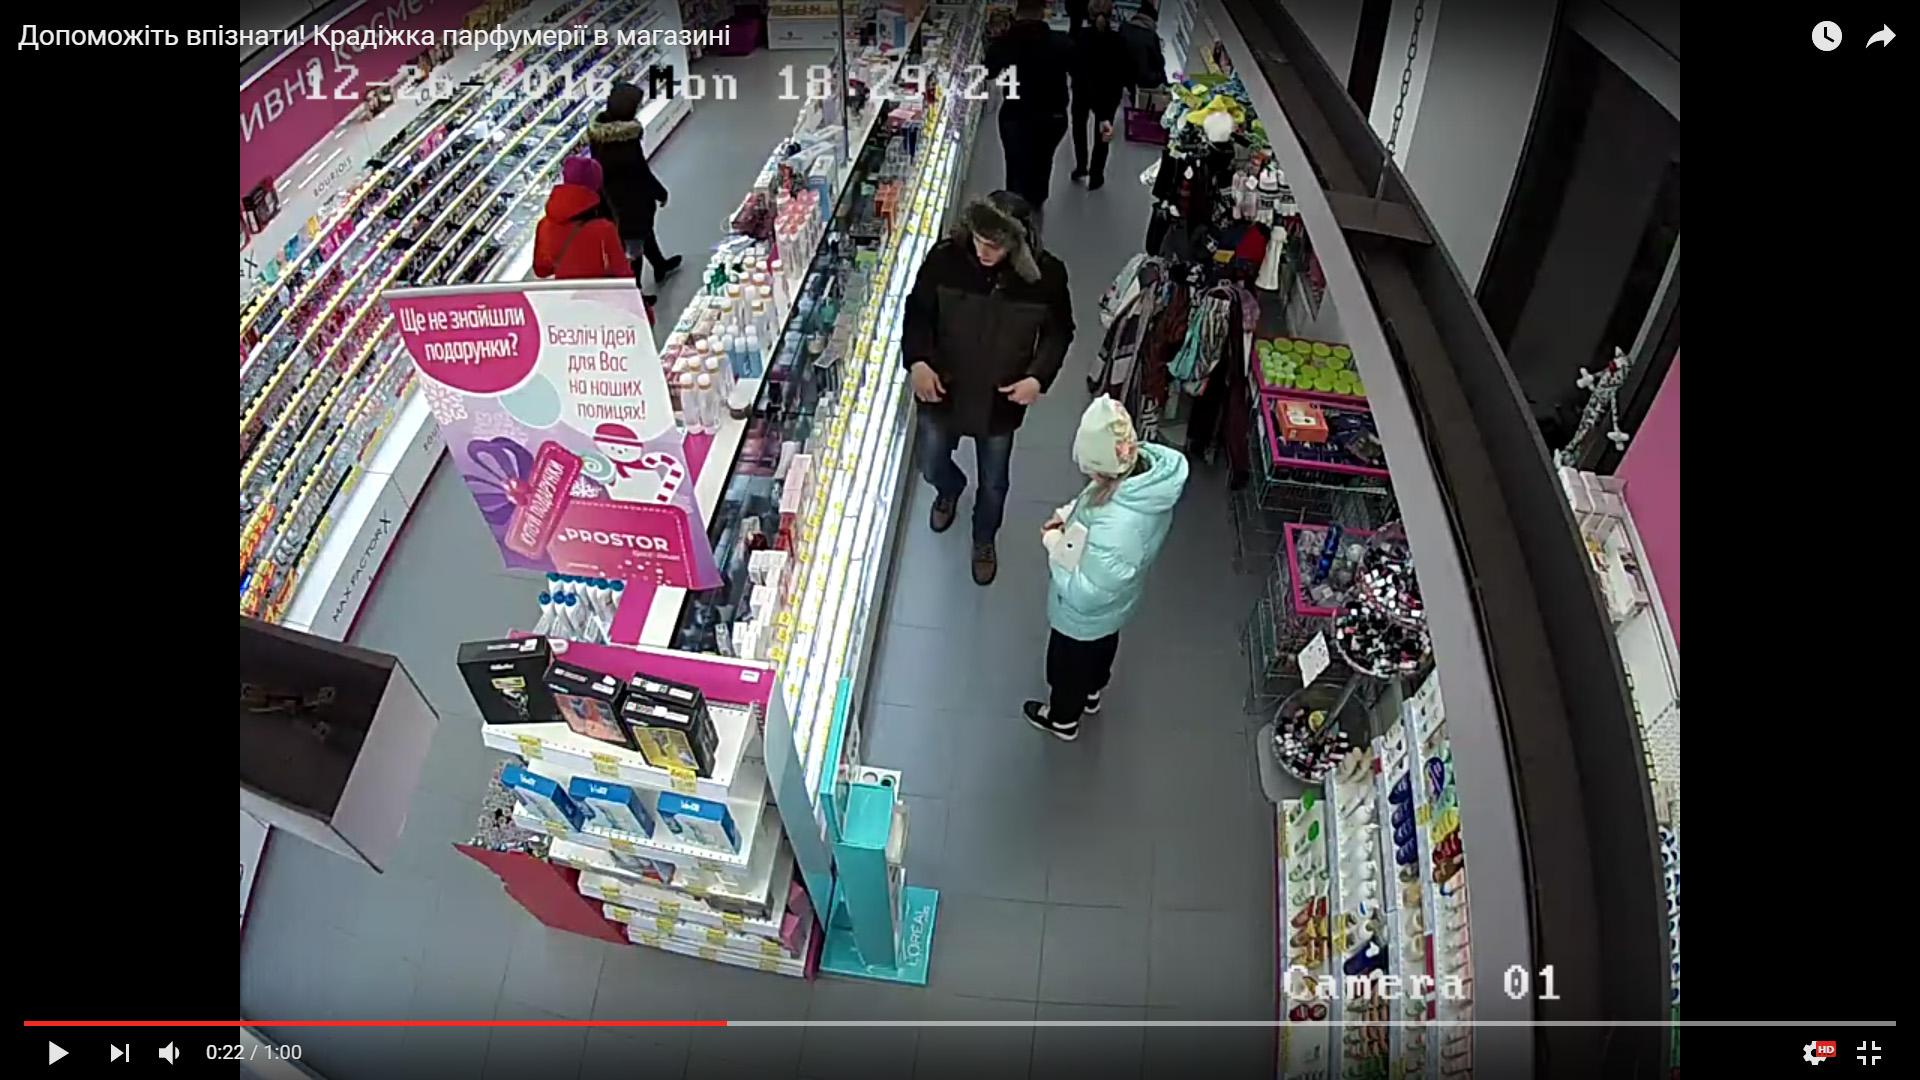 Совести у него вообще нет: скрытая камера сняла непристойное поведение человека в супермаркете (ВИДЕО) Сеть возмущена тем, что он сделал